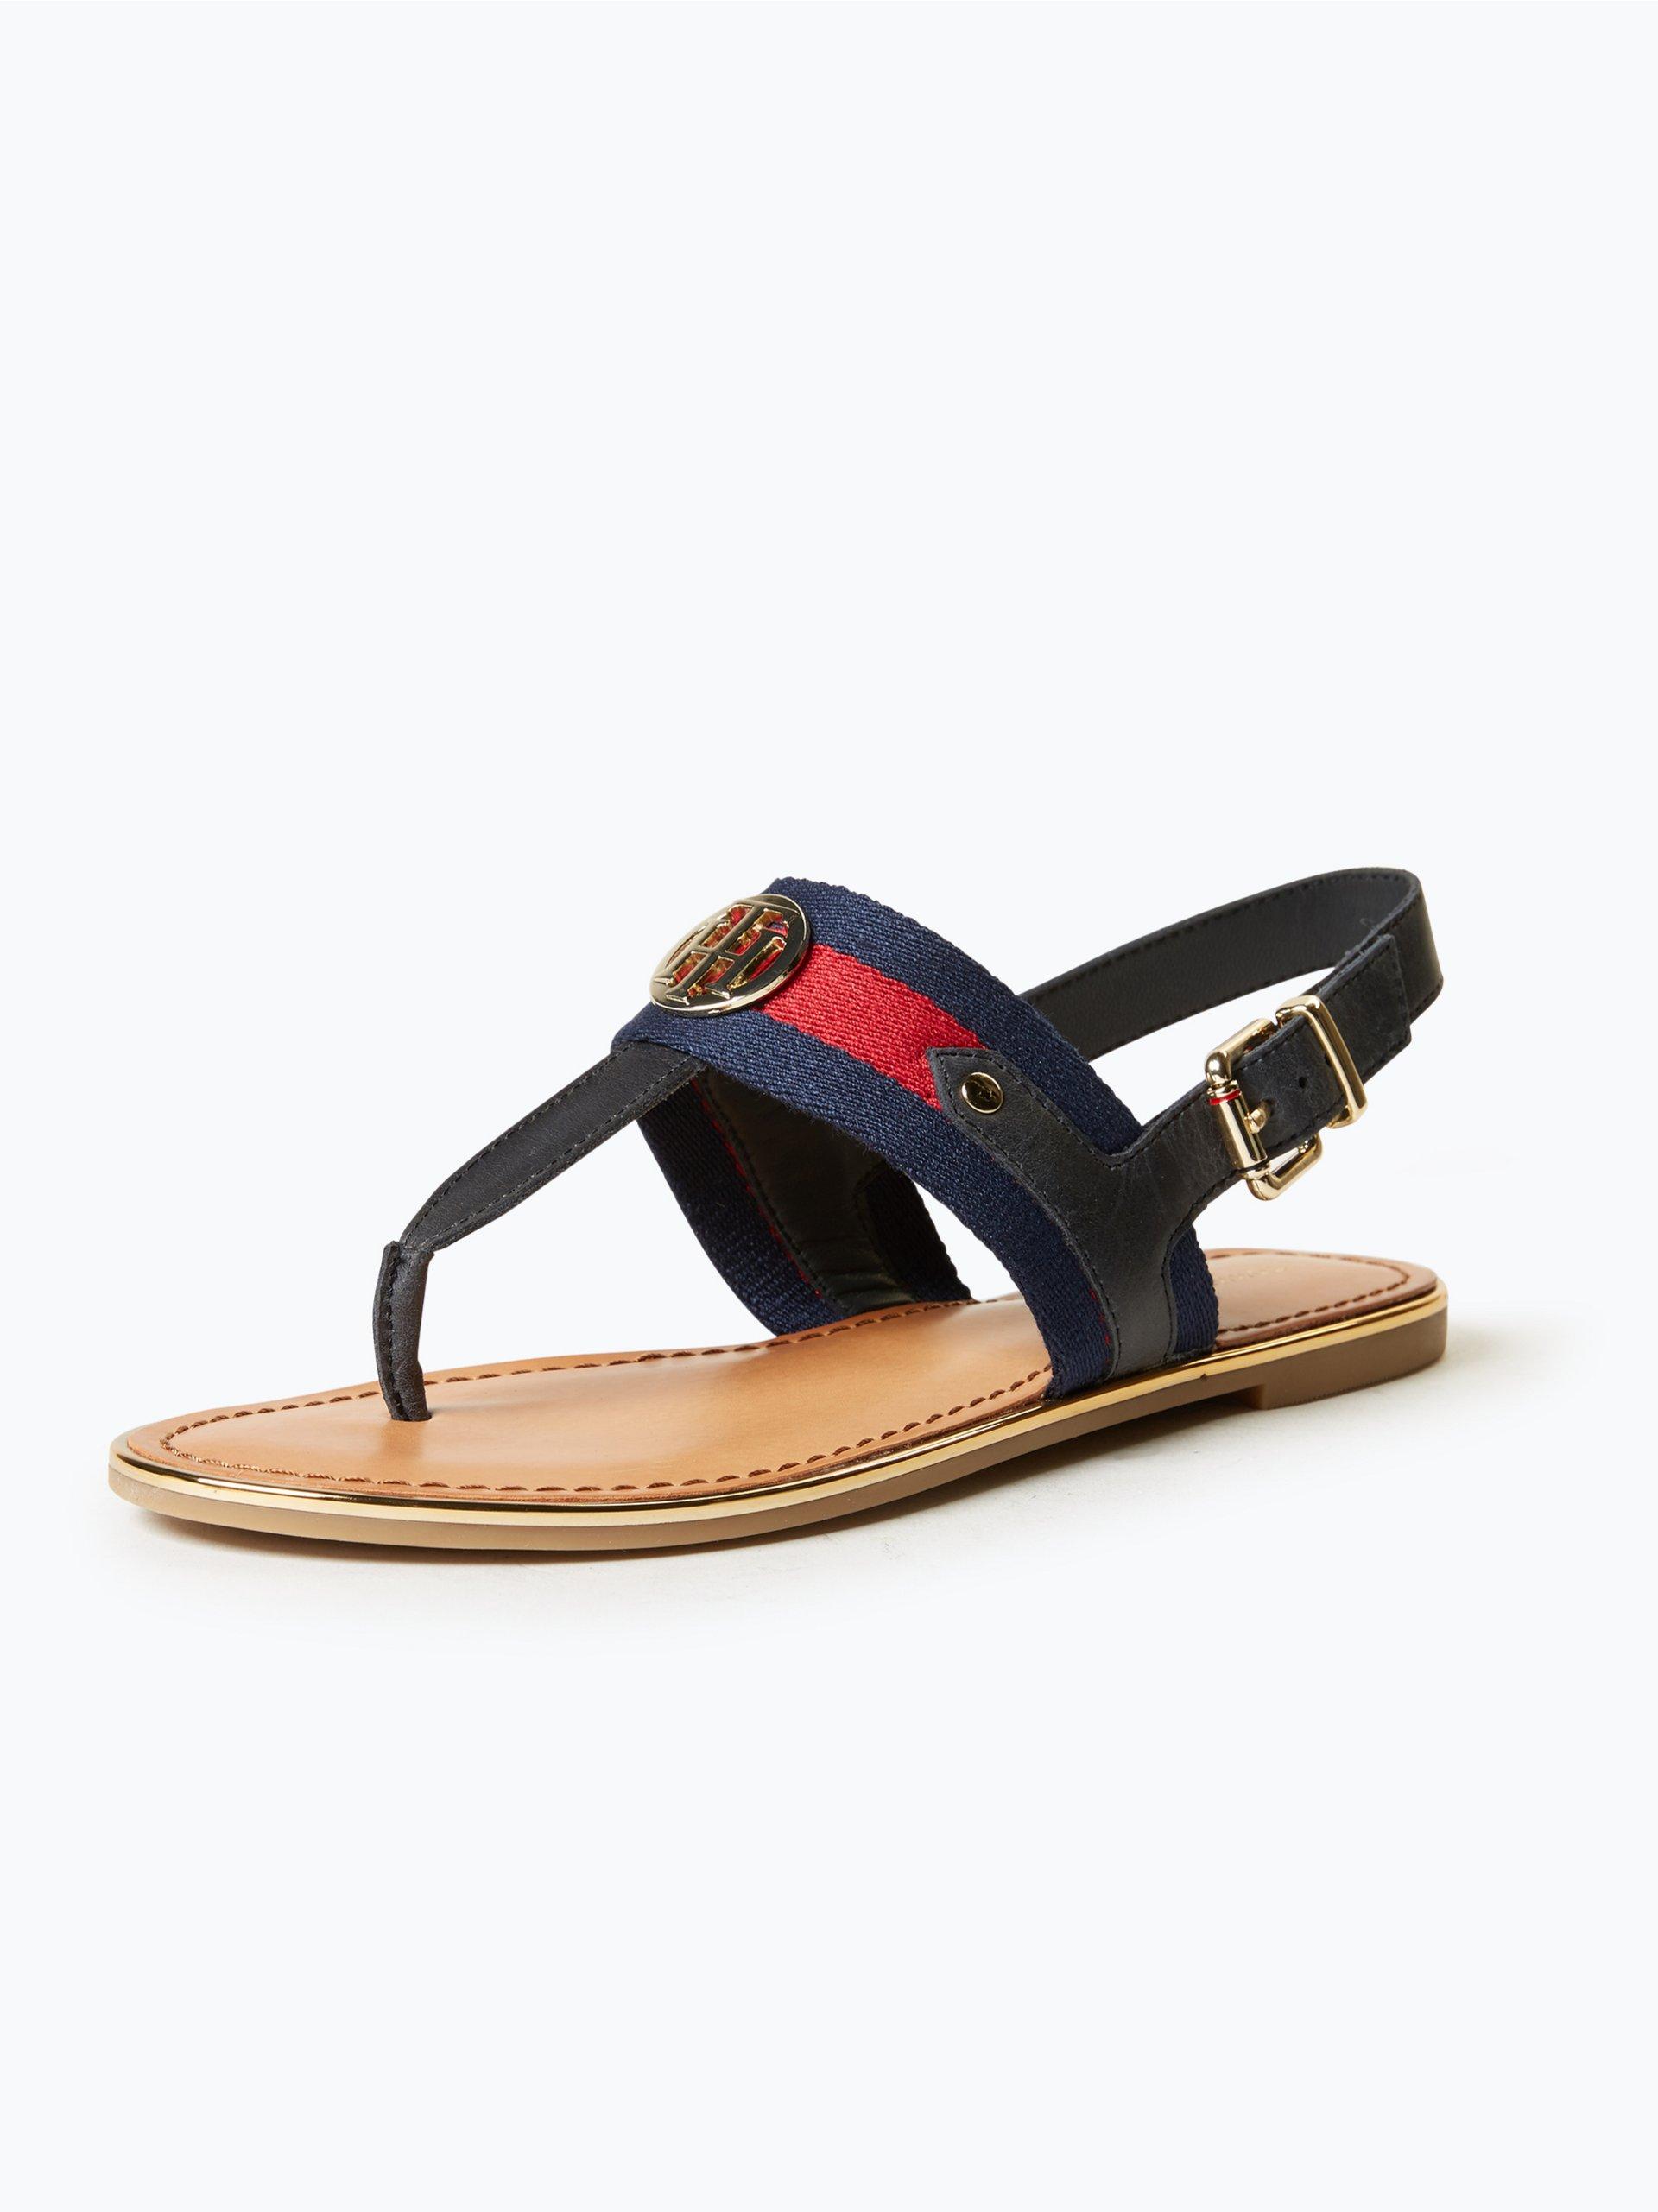 tommy hilfiger damen sandalen mit leder anteil marine uni. Black Bedroom Furniture Sets. Home Design Ideas